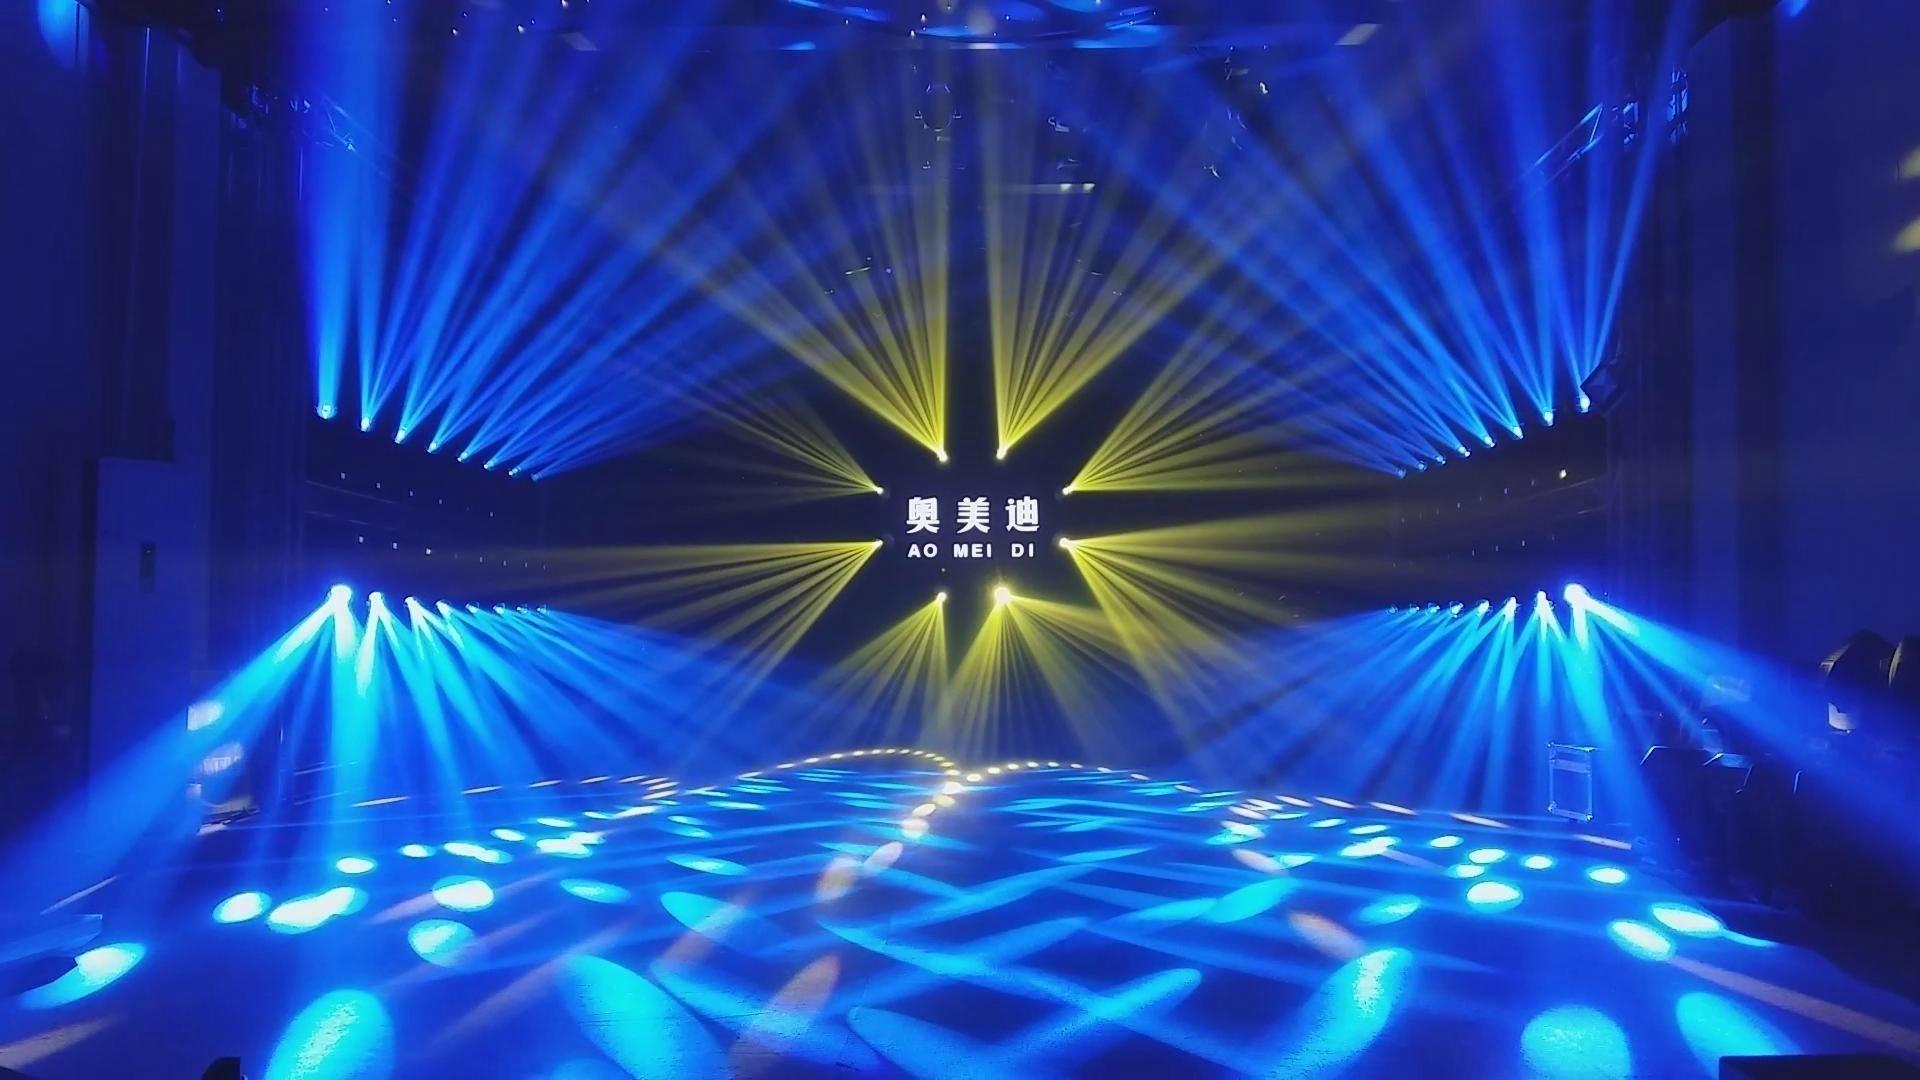 奥美迪200W光束灯惊艳2012广州灯光展